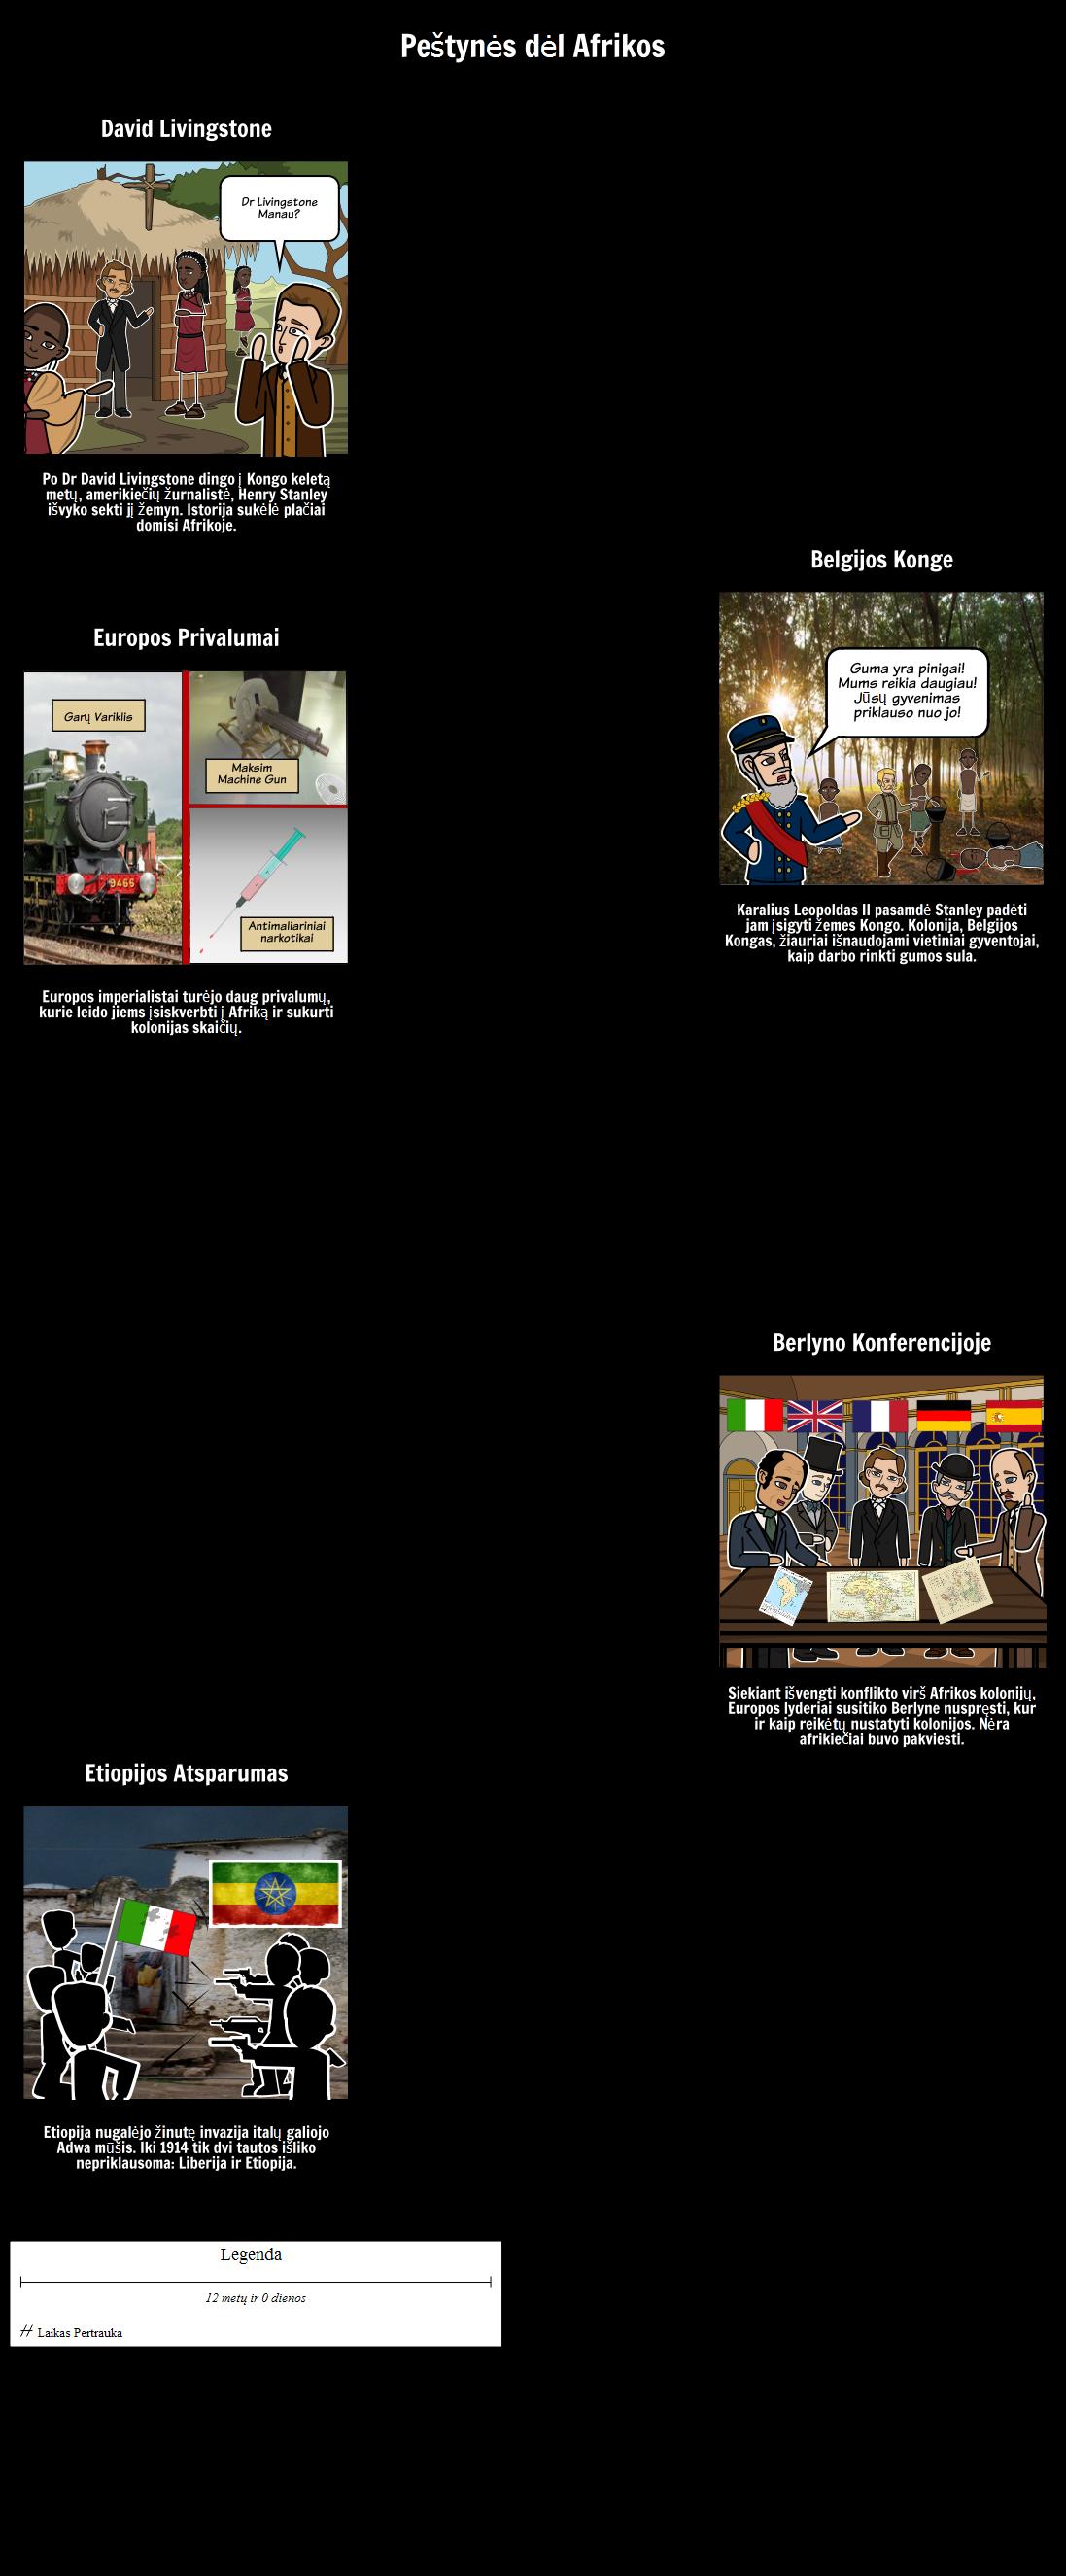 Istorija Imperializmo - Peštynės dėl Afrikos